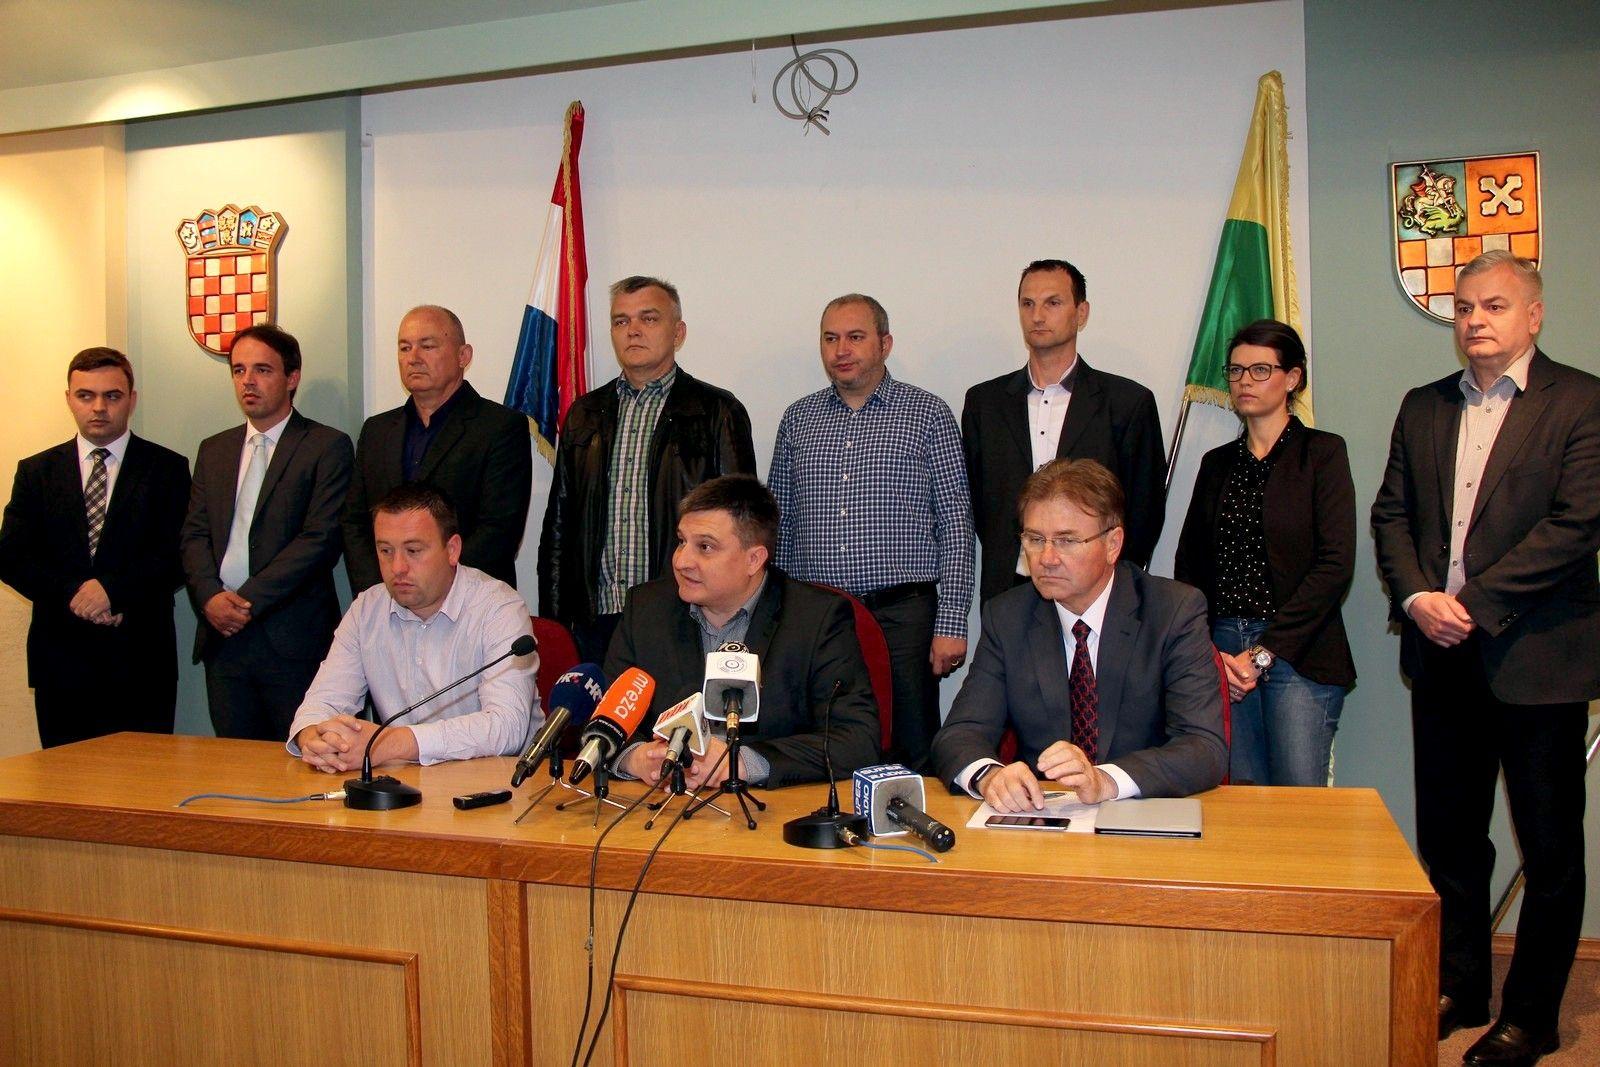 HDZ BBŽ: Župan nema pravo kritizirati Vladu - Županija je u dva desetljeća njegovog vodstva među najlošijima u Hrvatskoj